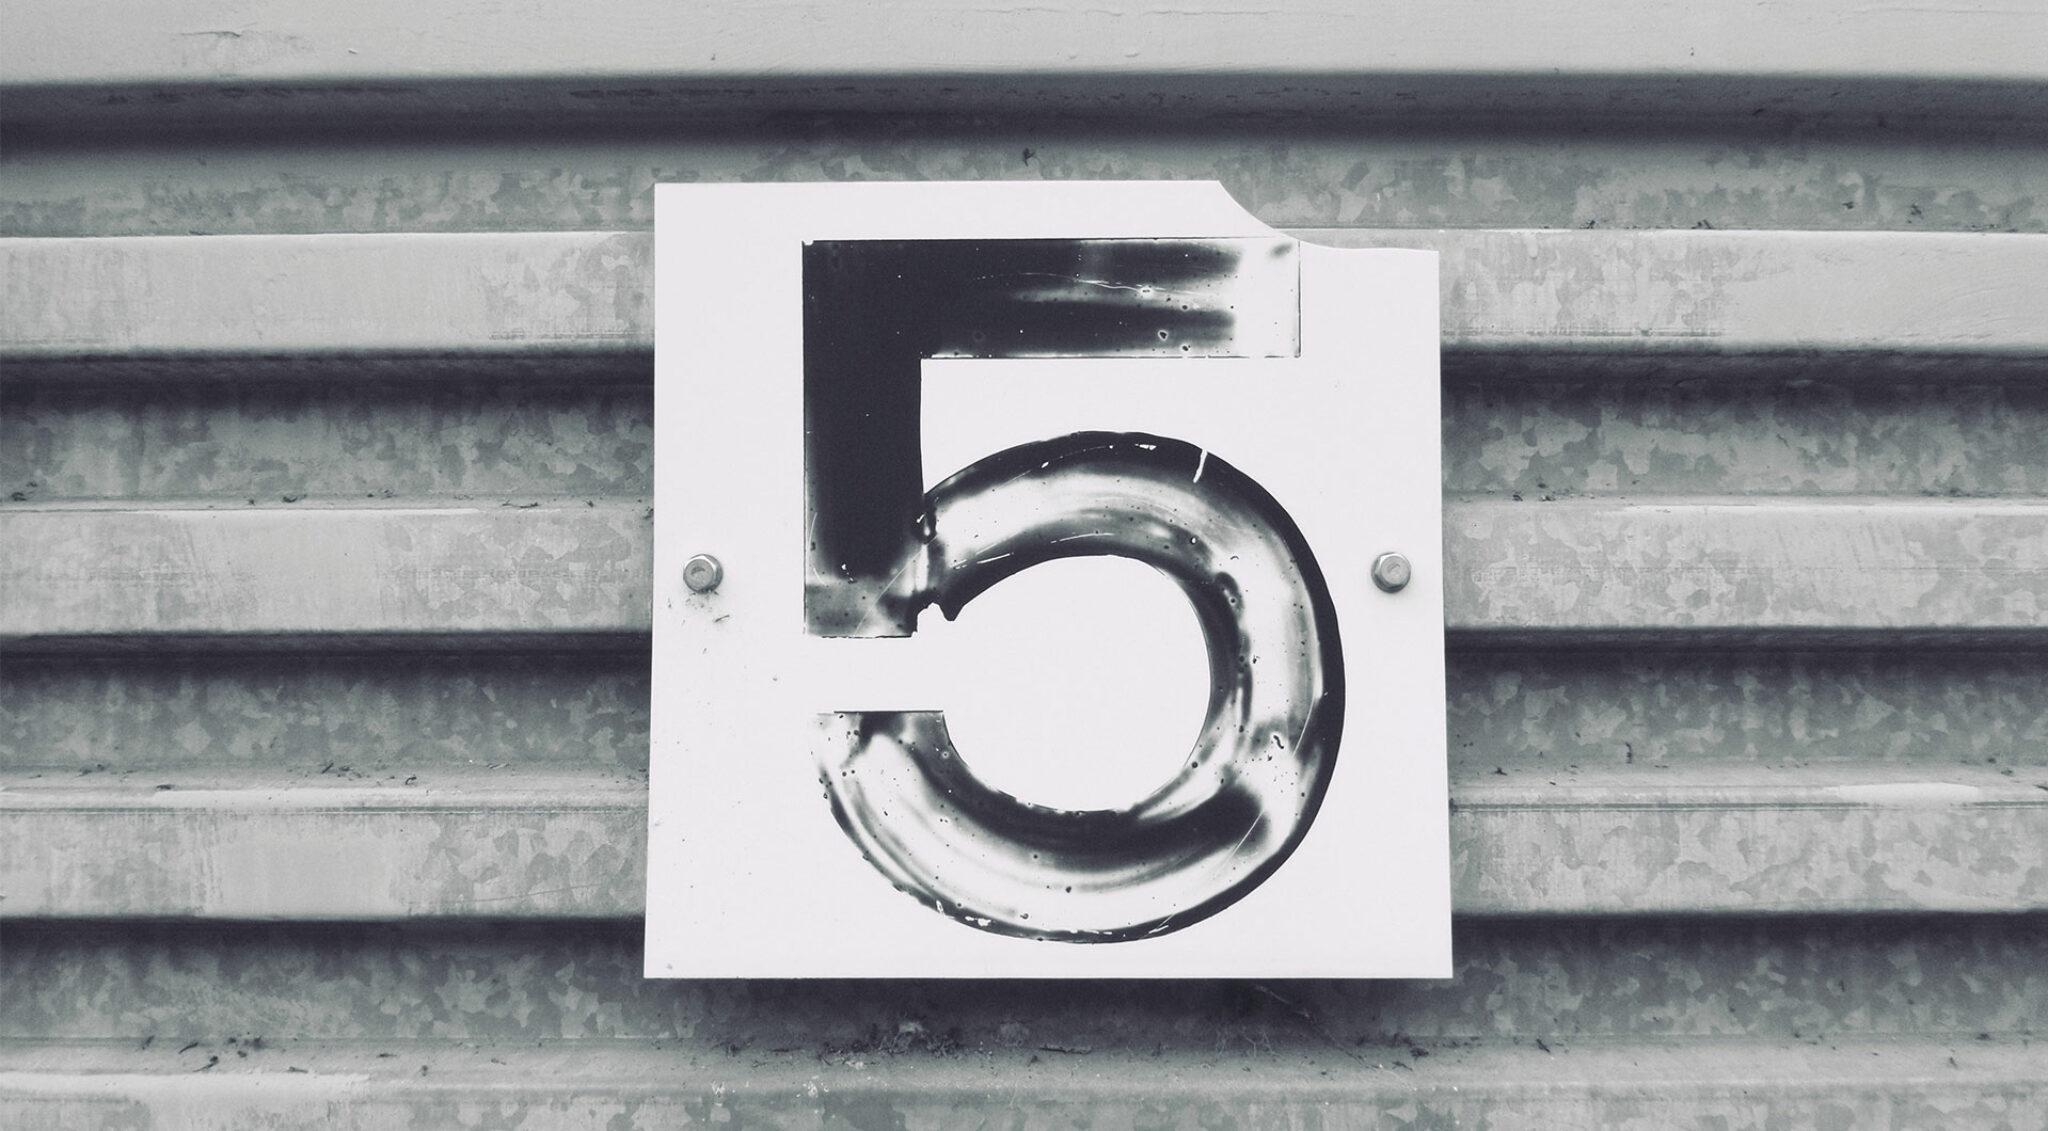 Schild mit der Zahl 5.